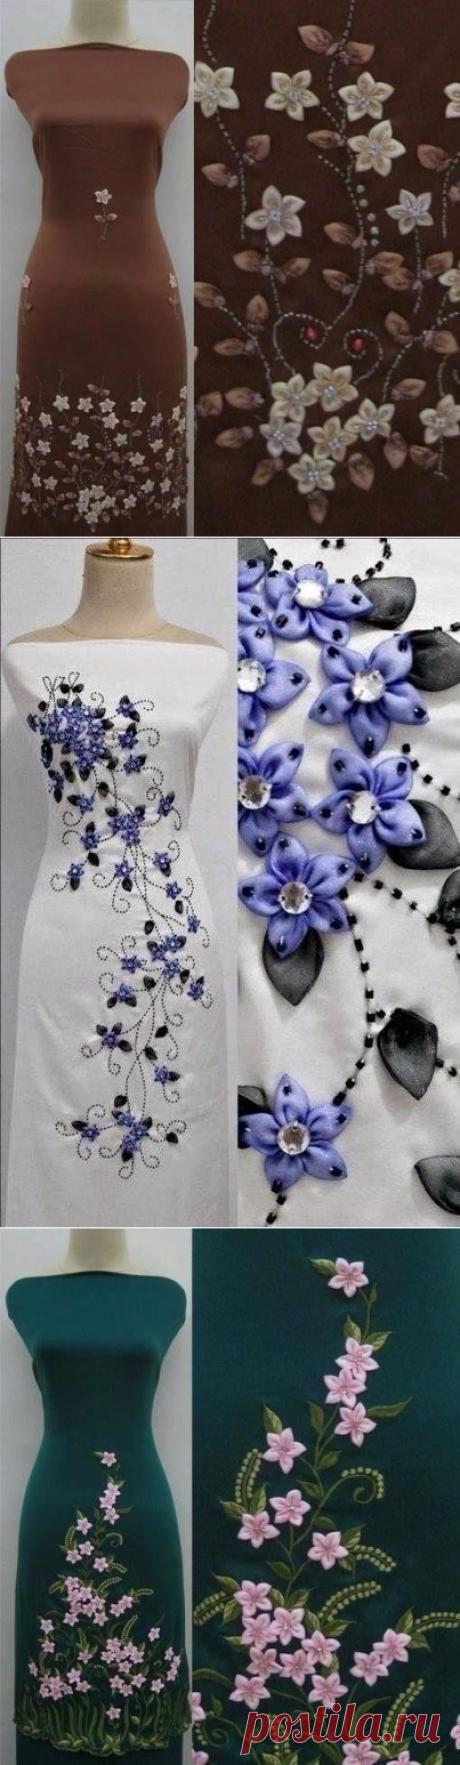 Декорирование платья лентами. Красота!